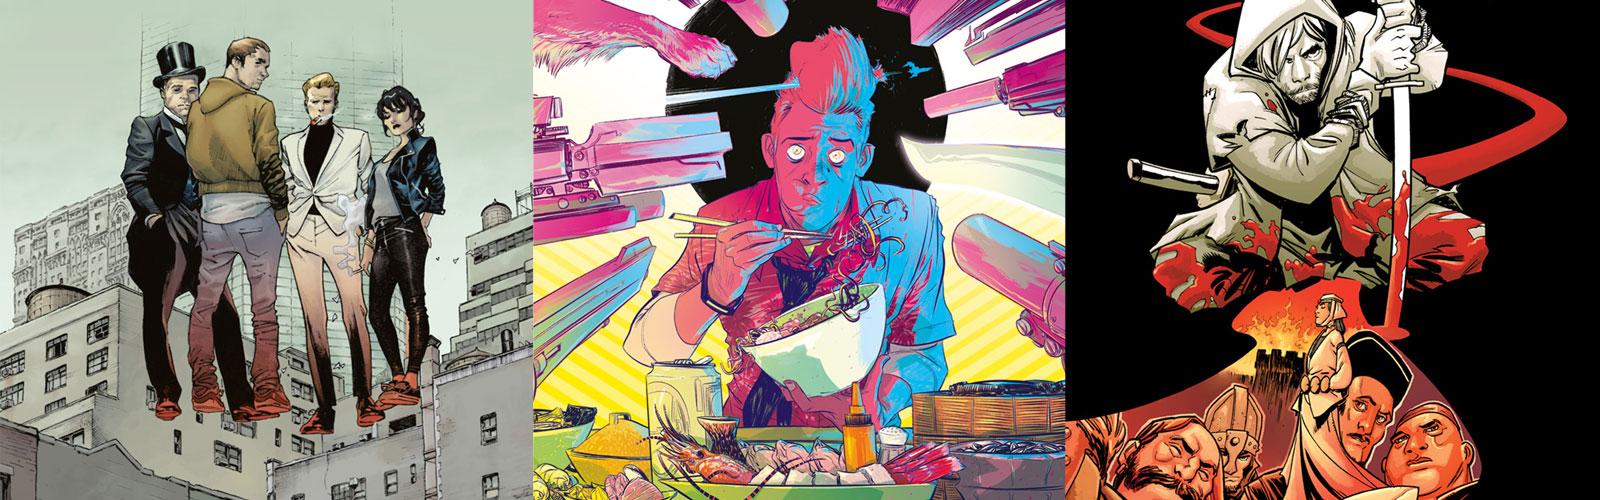 Solicitations: June 2018 – Image Comics